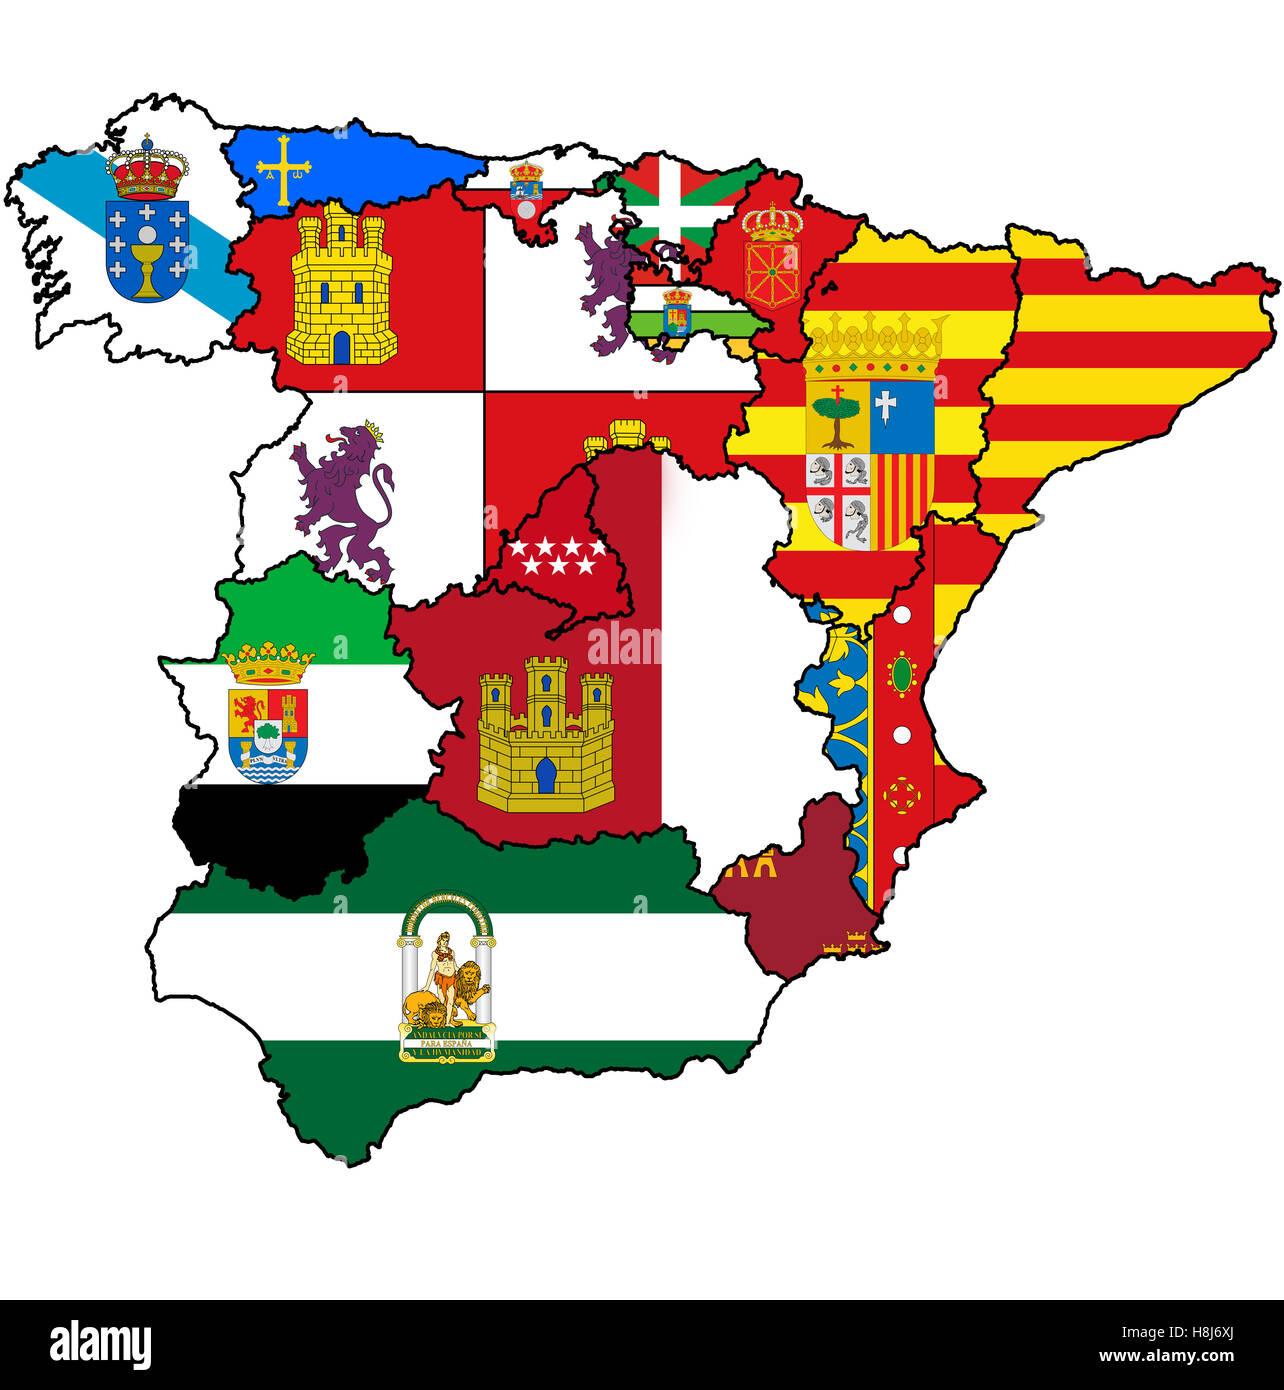 Cartina Della Spagna Con Le Regioni.Mappa Di Amministrazione Delle Regioni Della Spagna Con Le